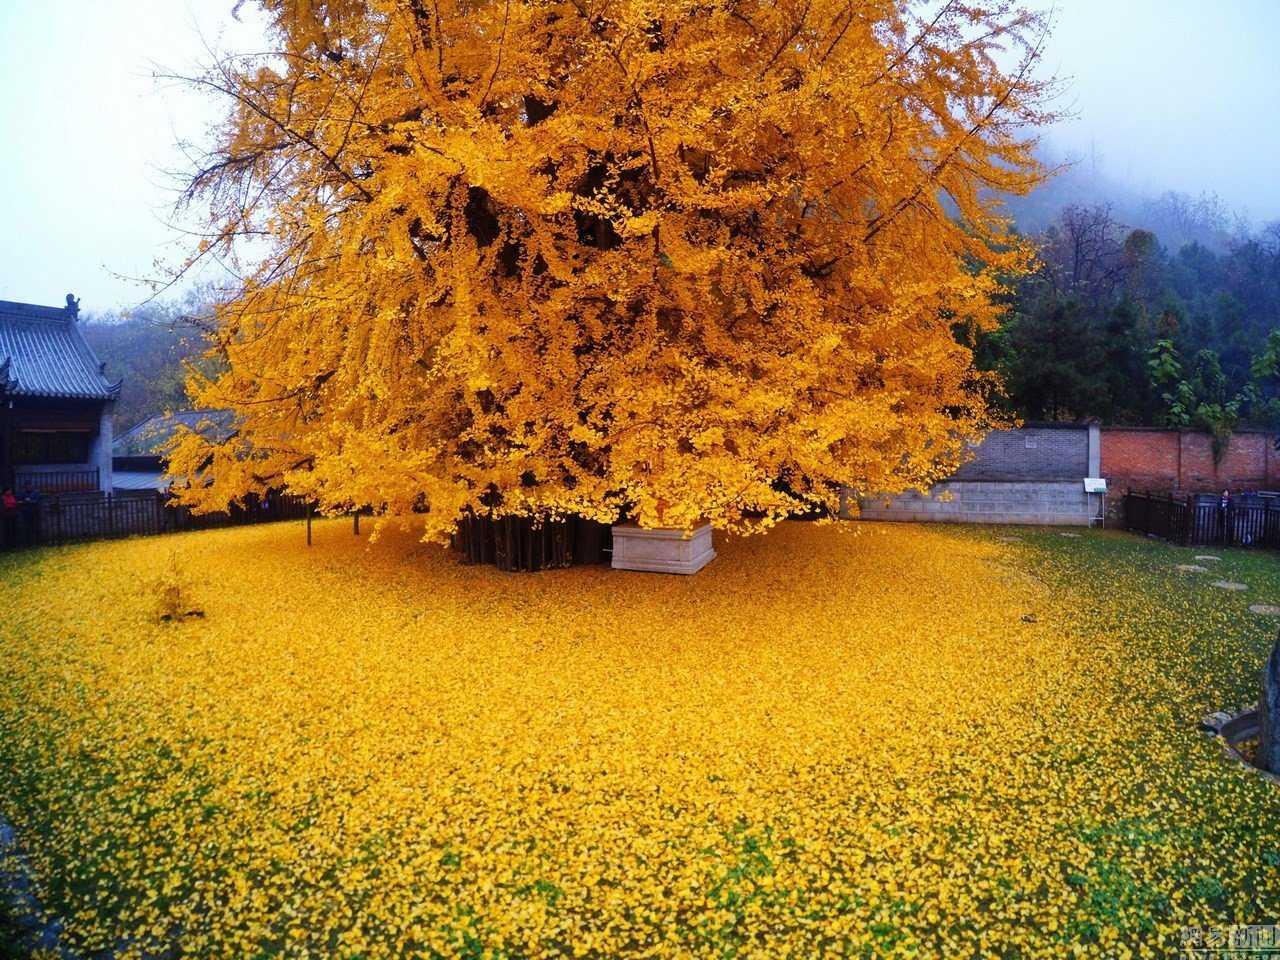 0 19db98 39561fc1 orig Foto Gump do dia: O esplendor da Árvore de Ouro, na China